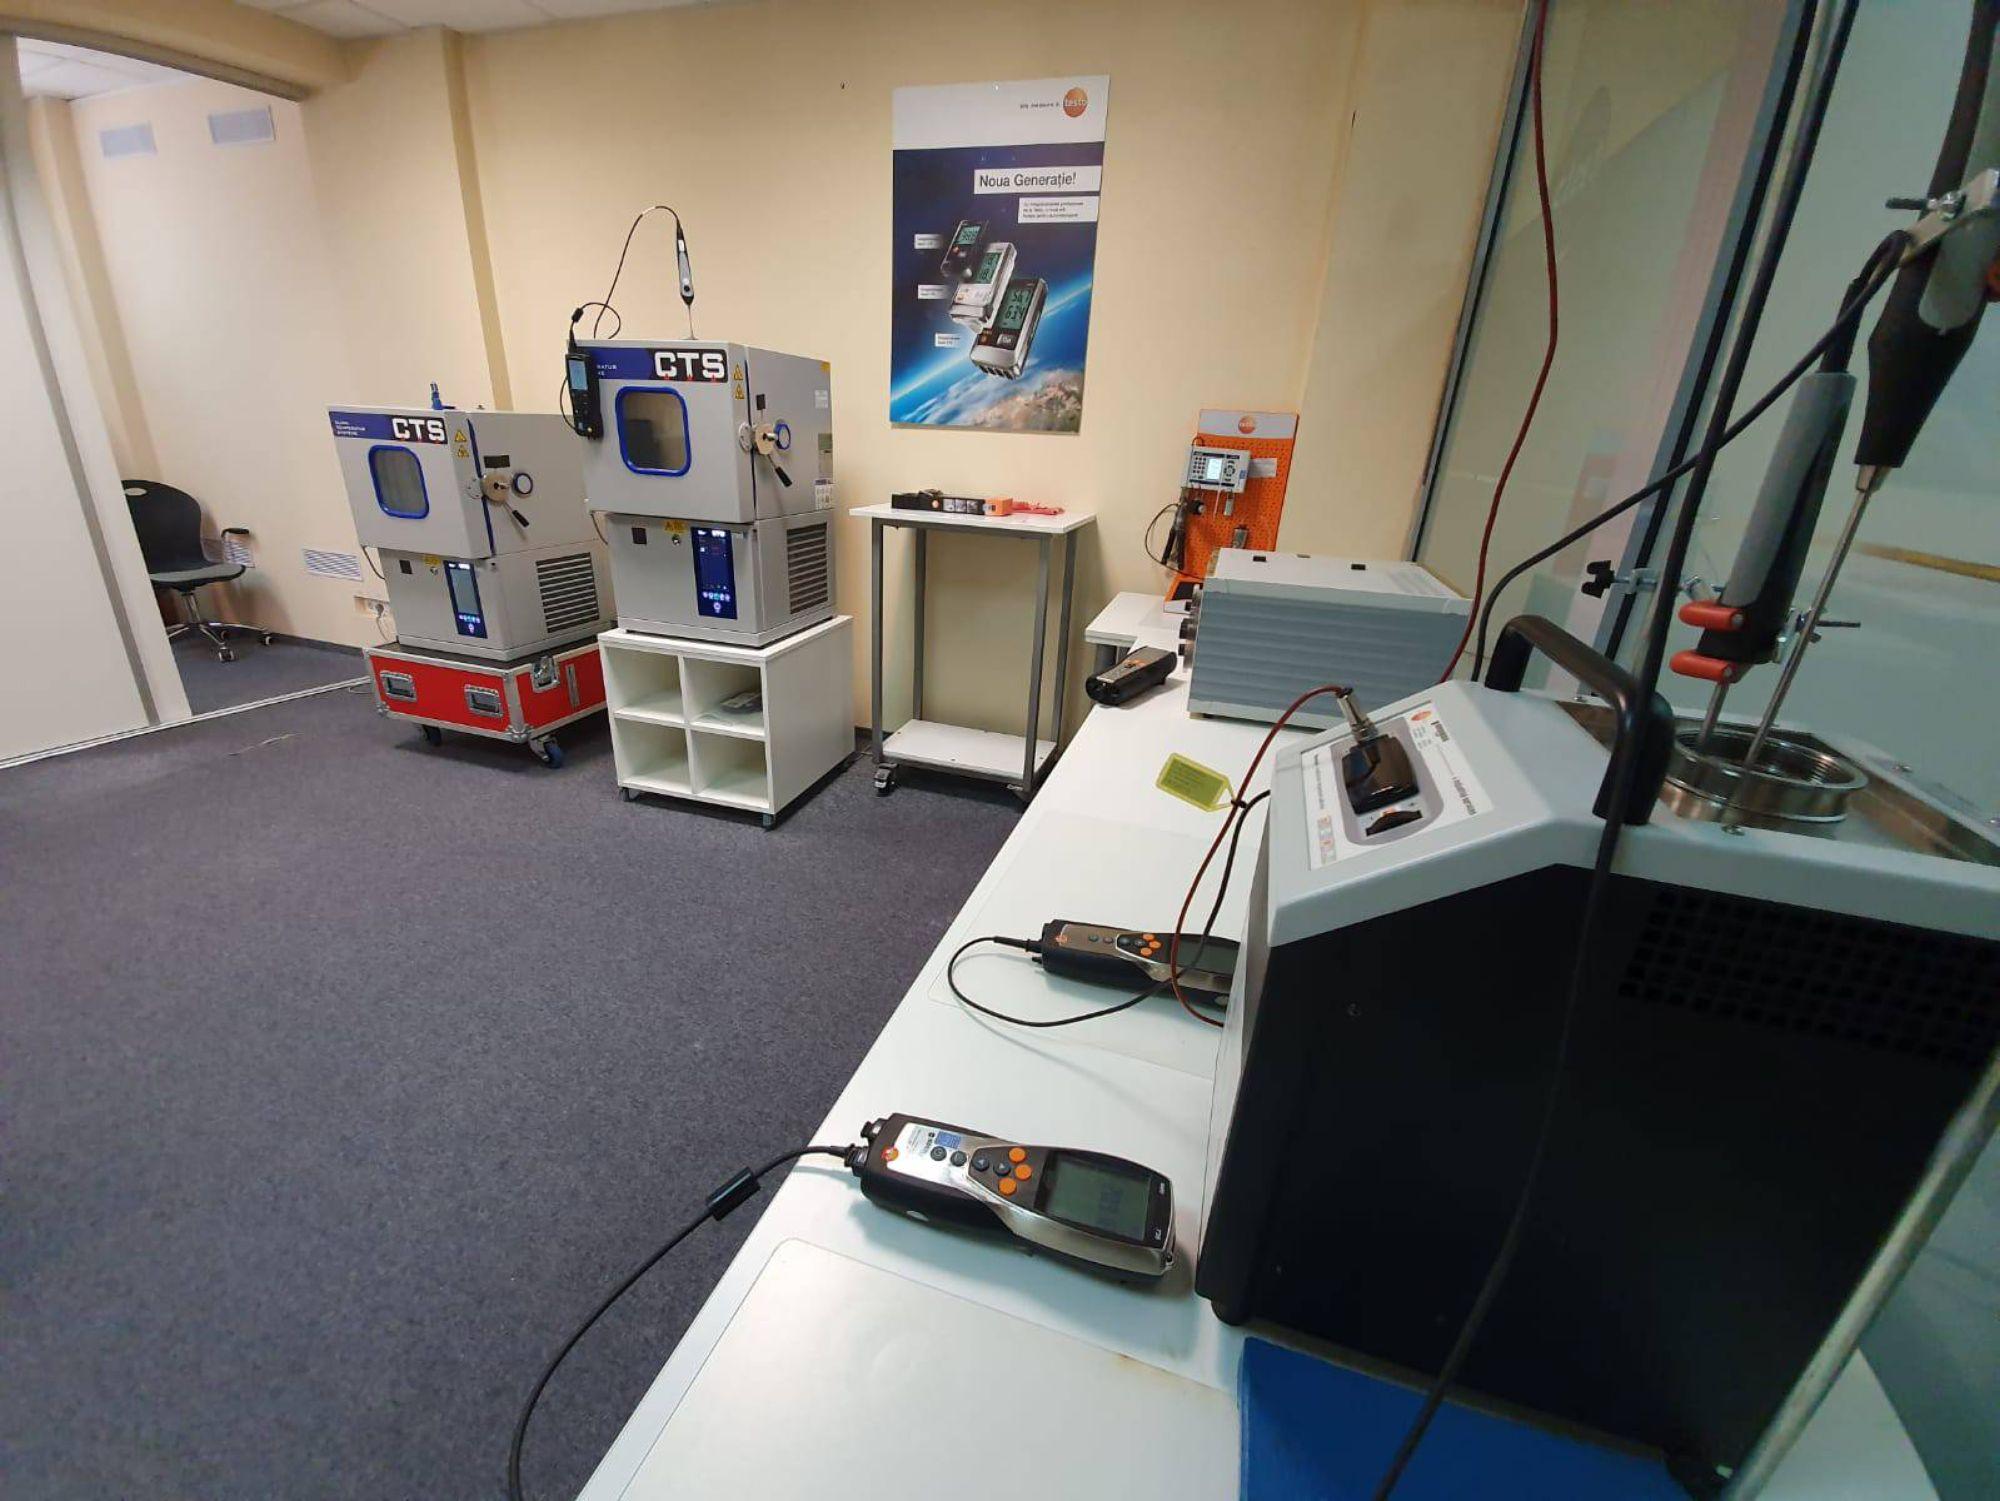 laborator_1.jpeg